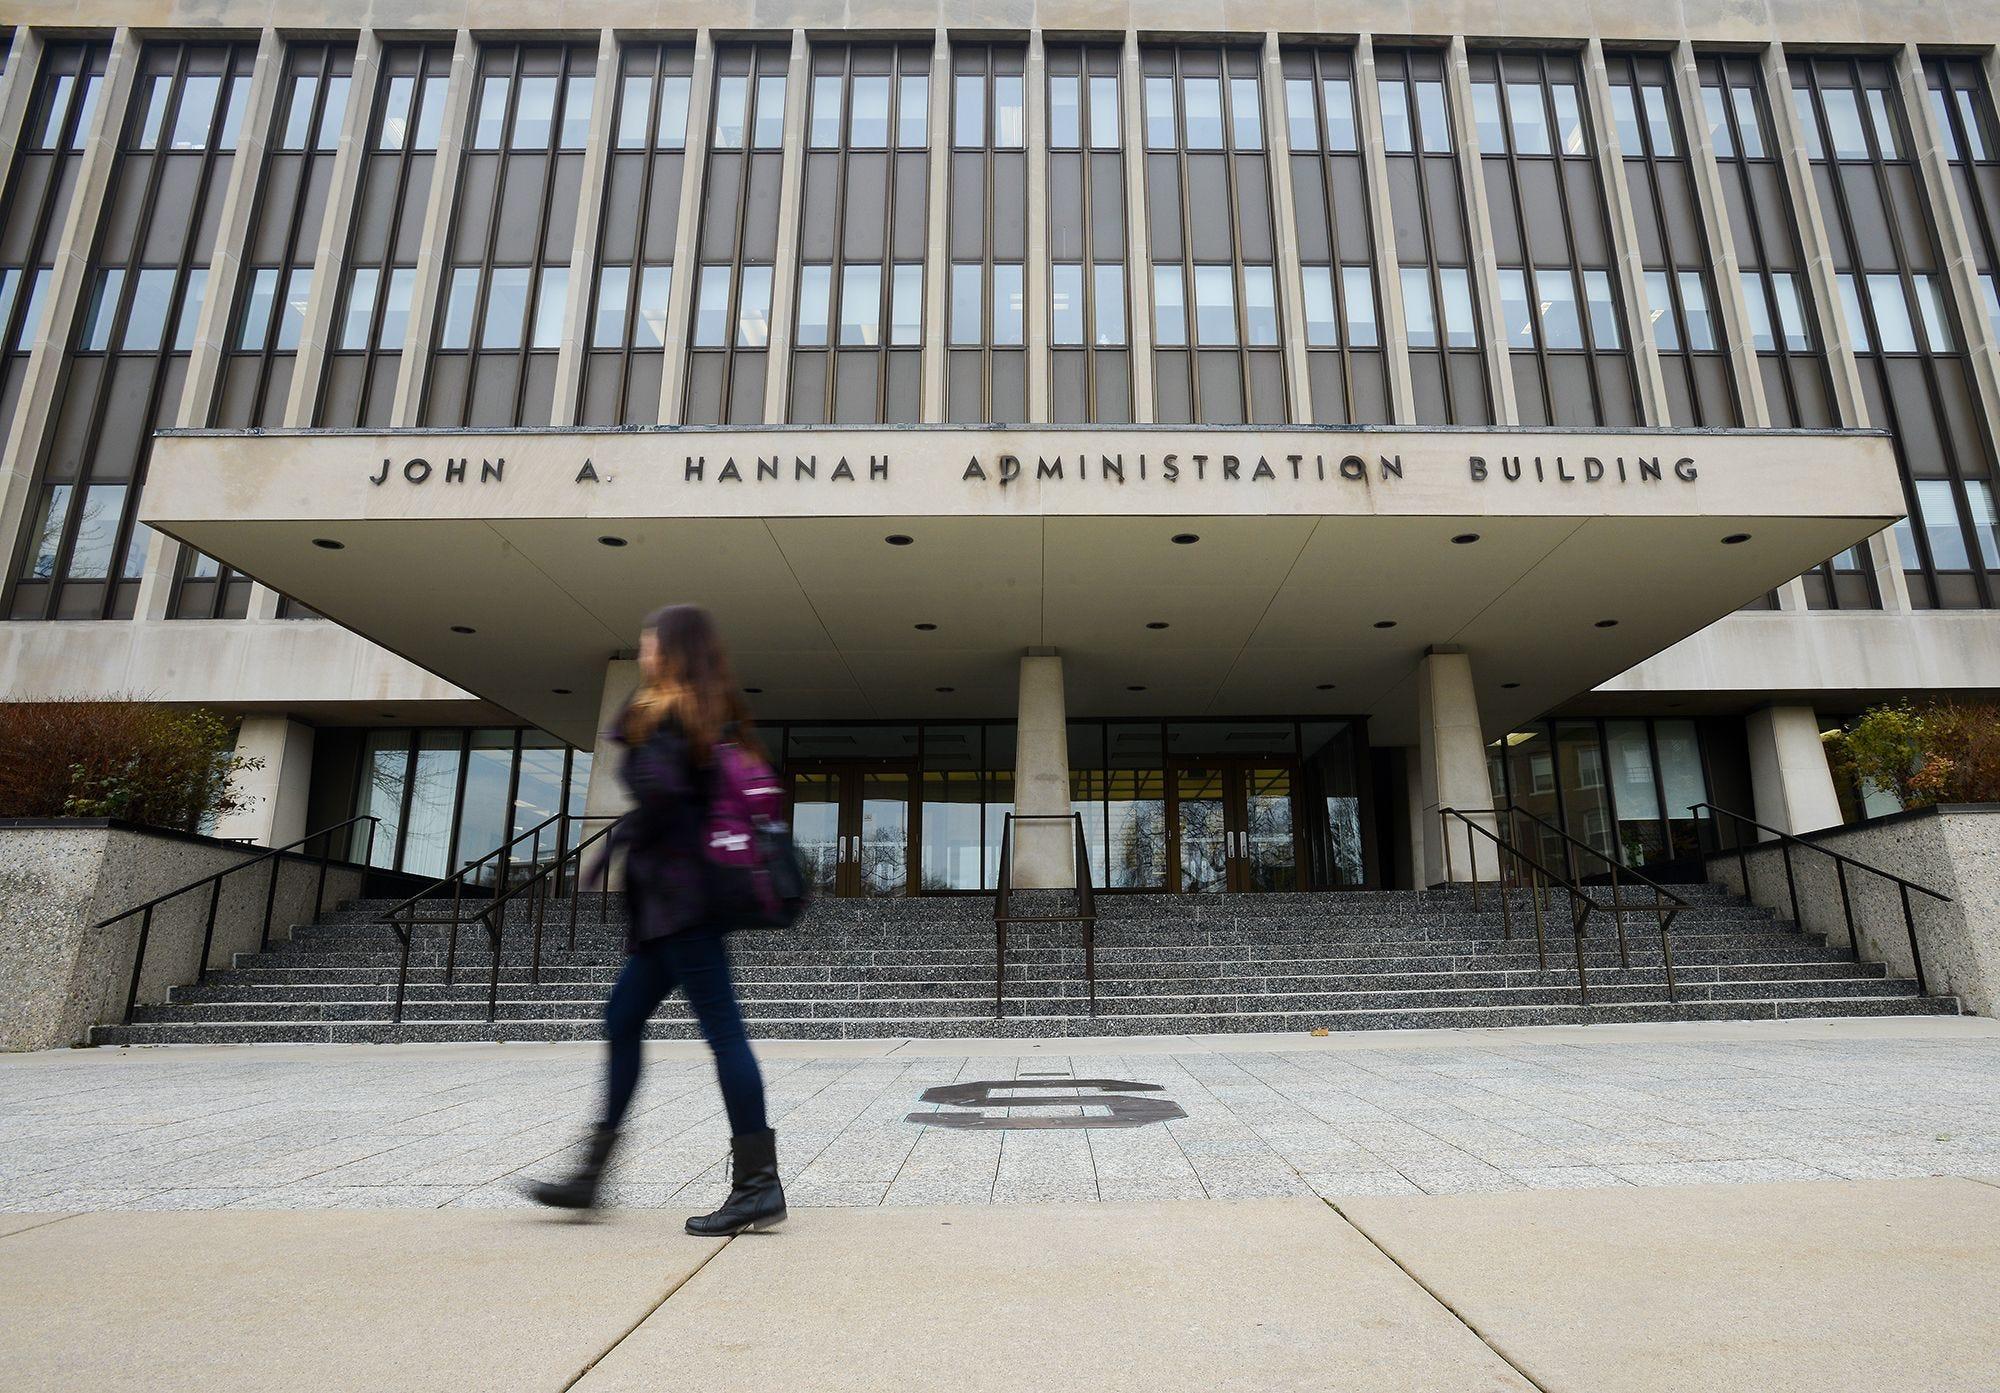 image University of michigan sex scandal